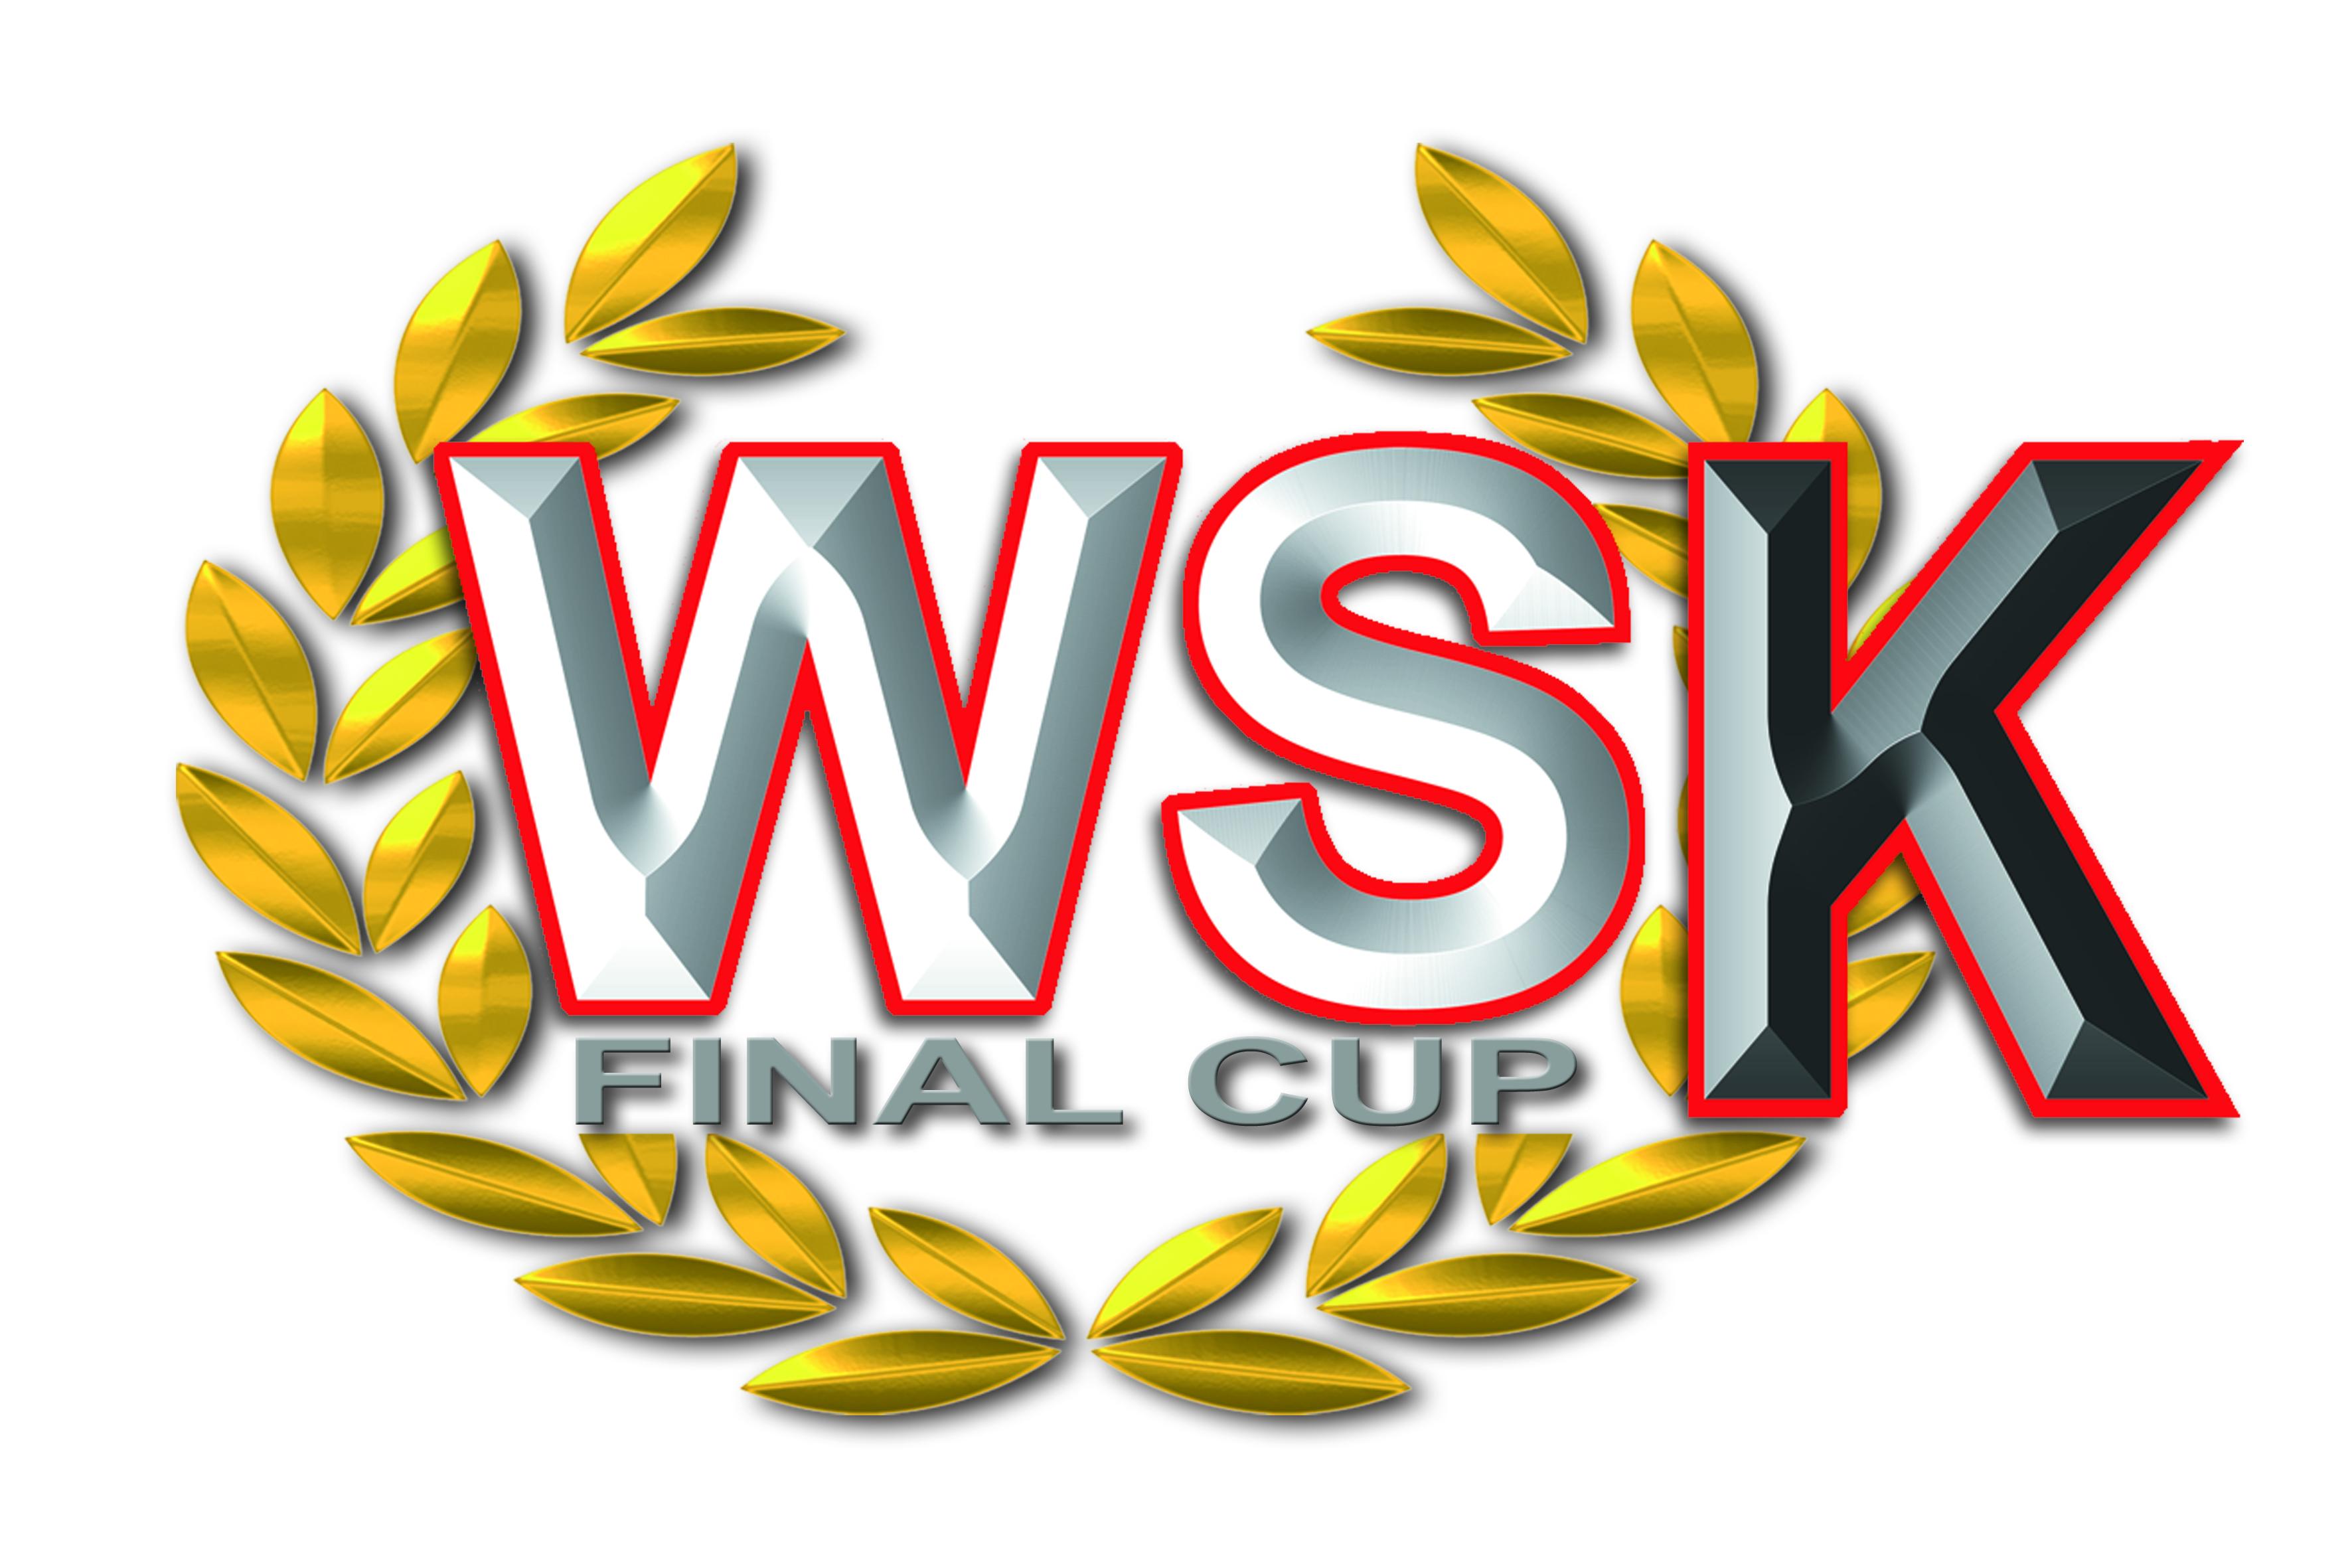 WSK Final Cup website